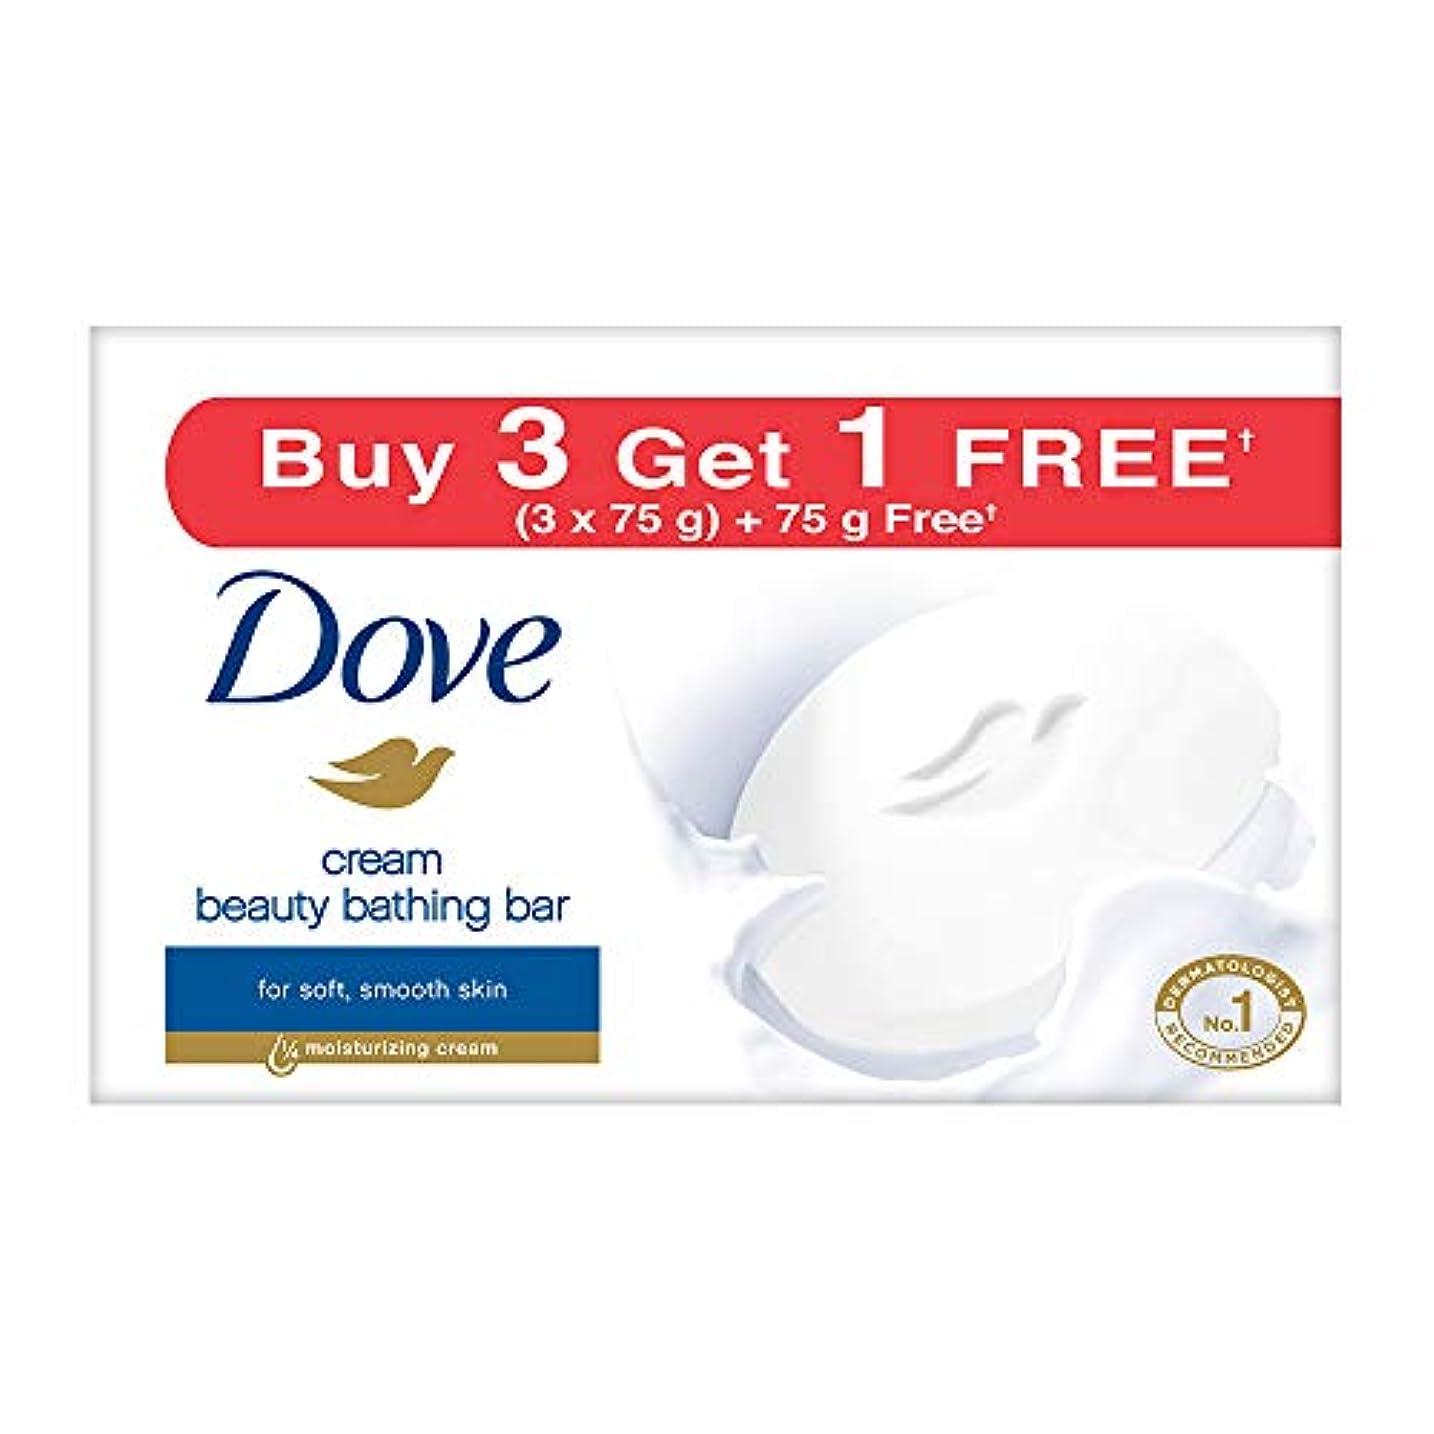 平和的咲く法王Dove Cream Beauty Bathing Bar, 4x75g